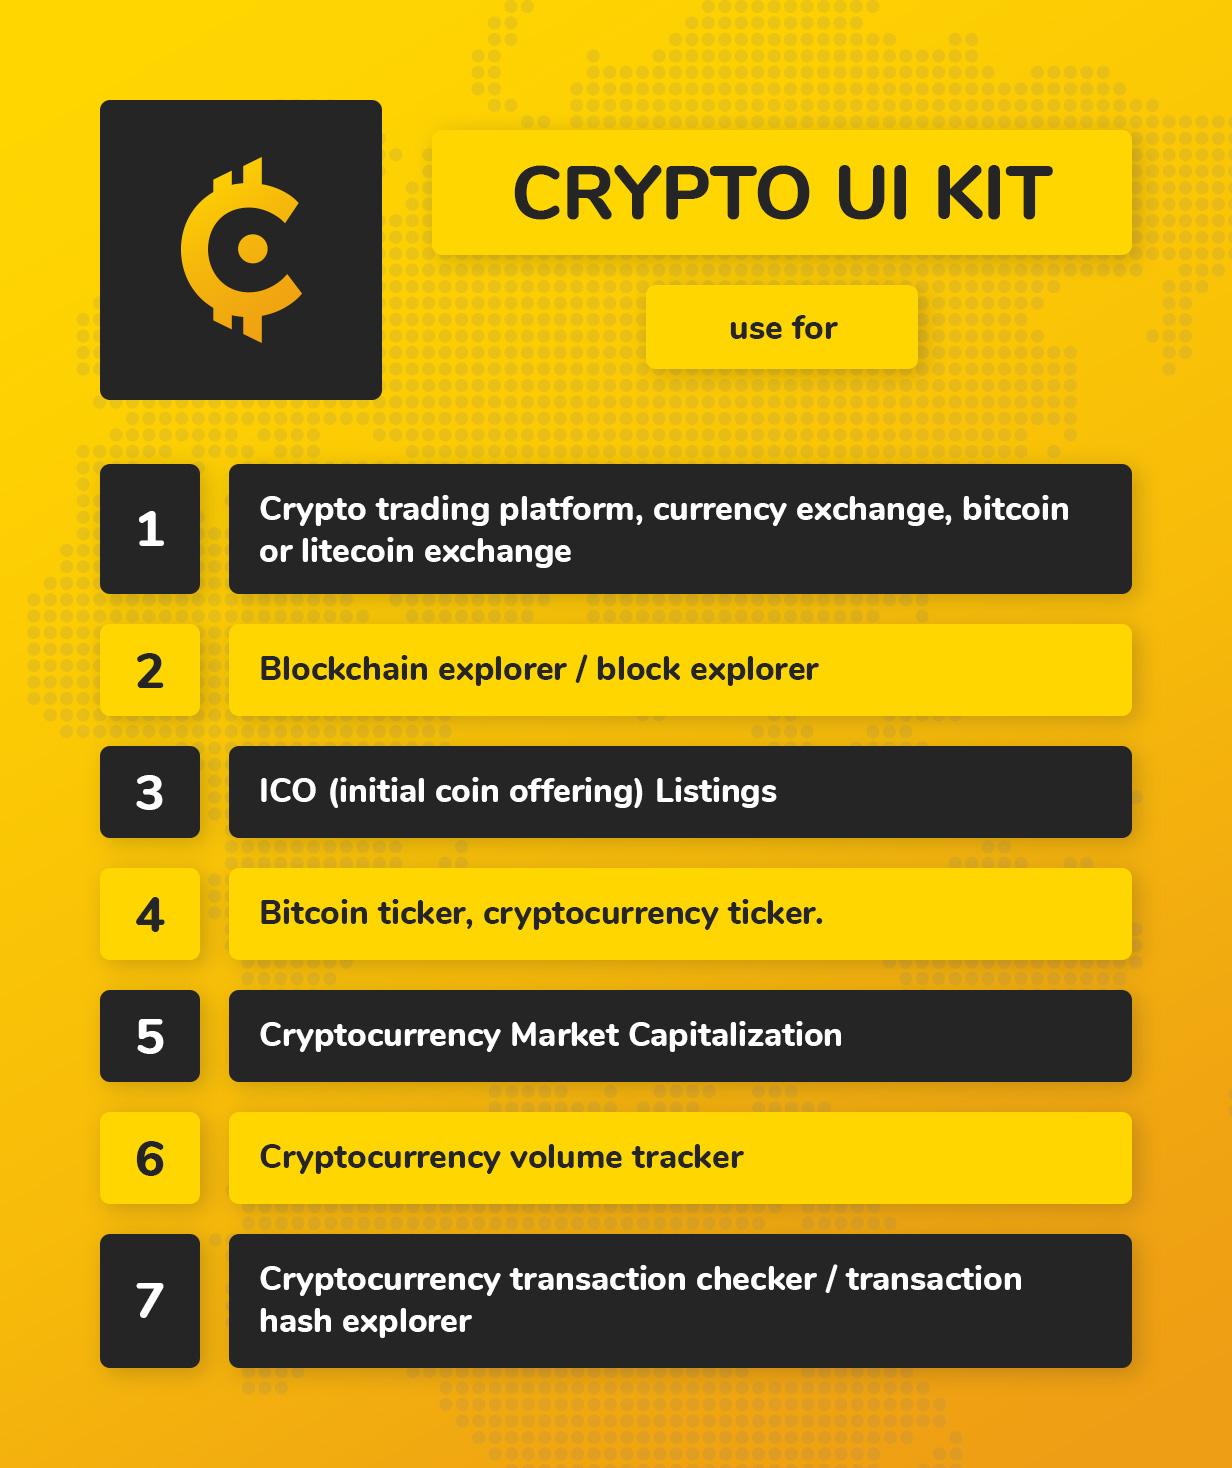 Cryptic - Crypto UI Kit - 7